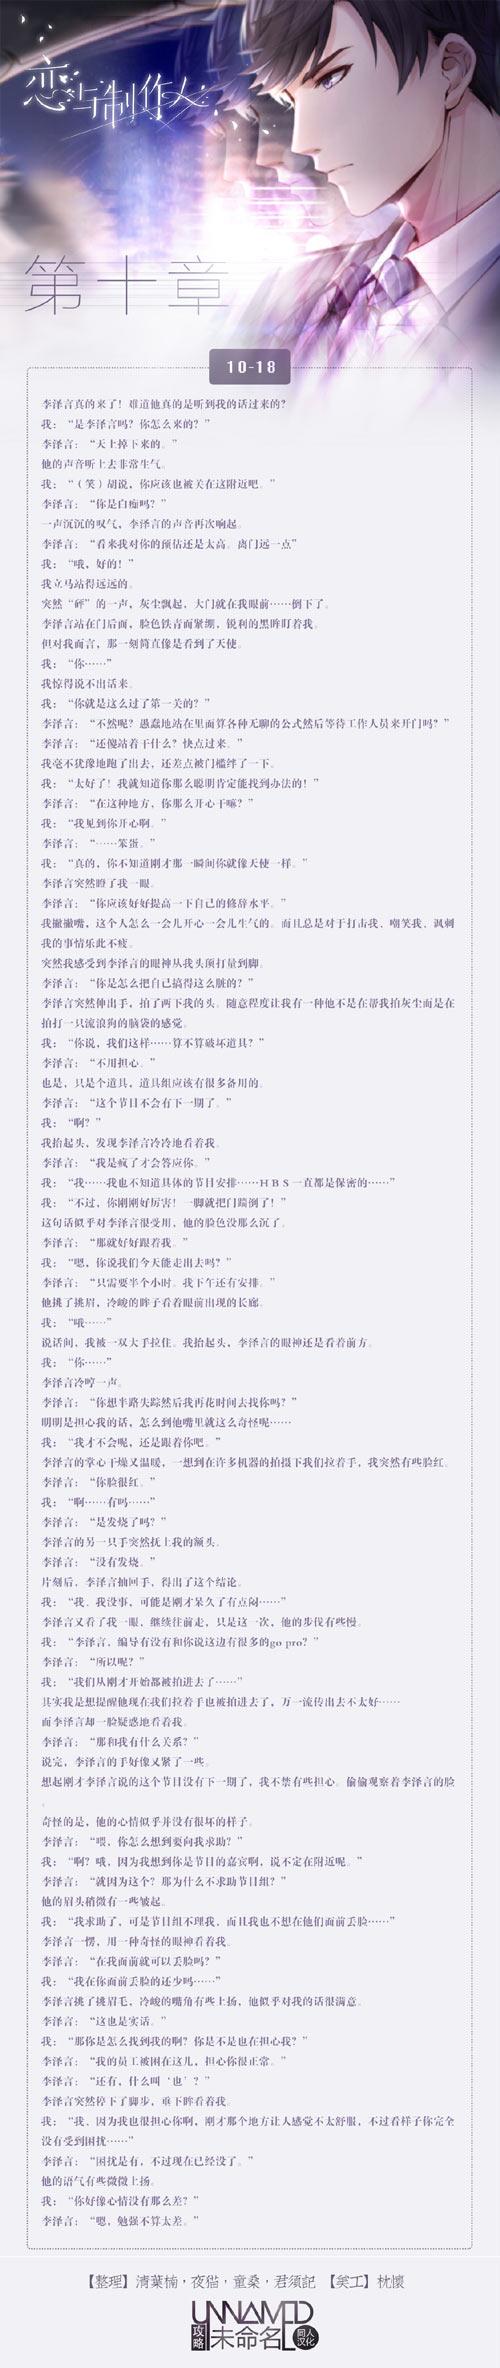 恋与制作人10-18剧情 恋与制作人第十章剧情